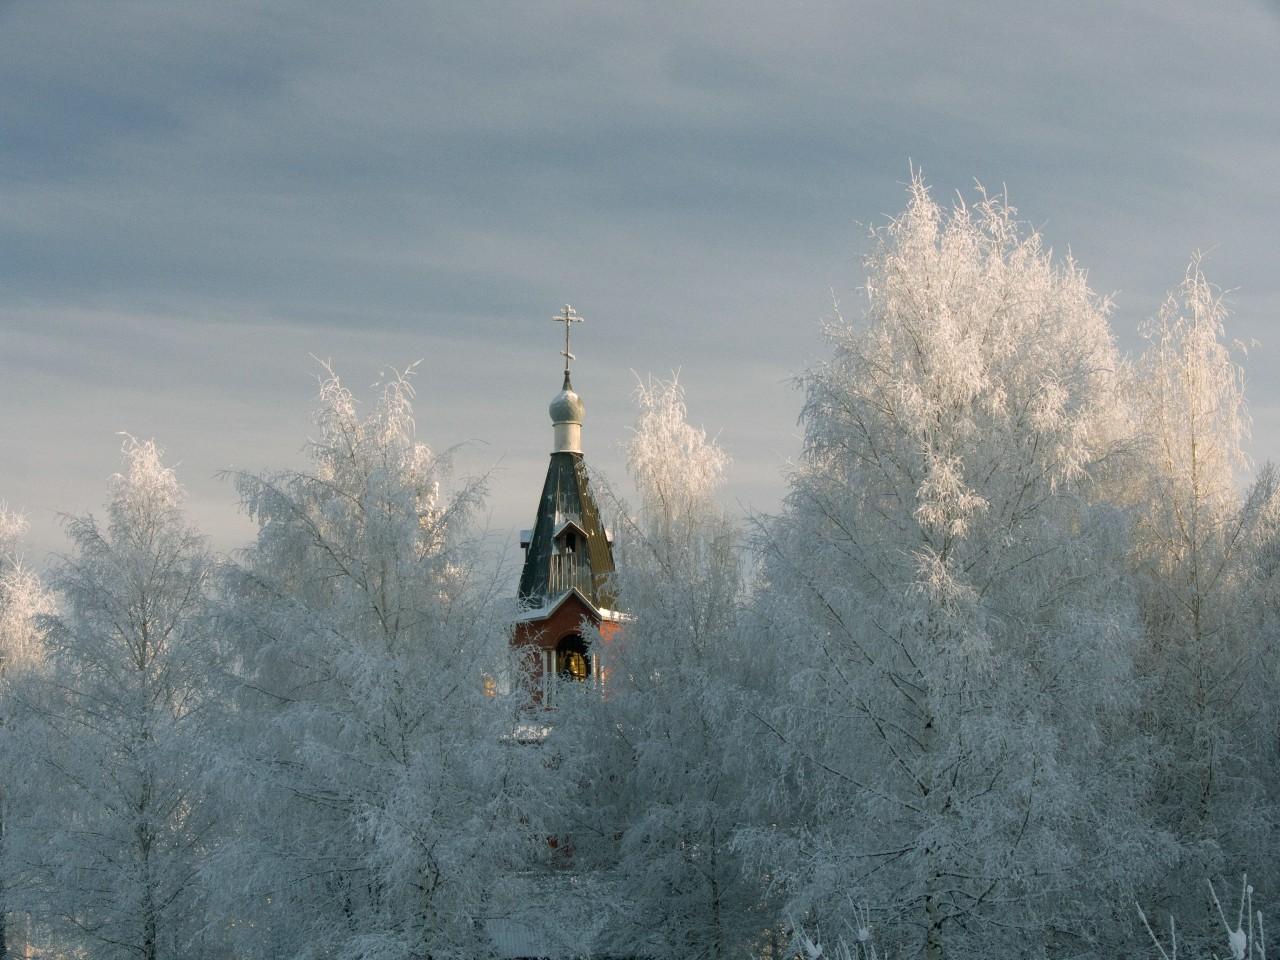 Вячеслав Степанов: Фотоконкурс Зима: пейзаж, часть 1